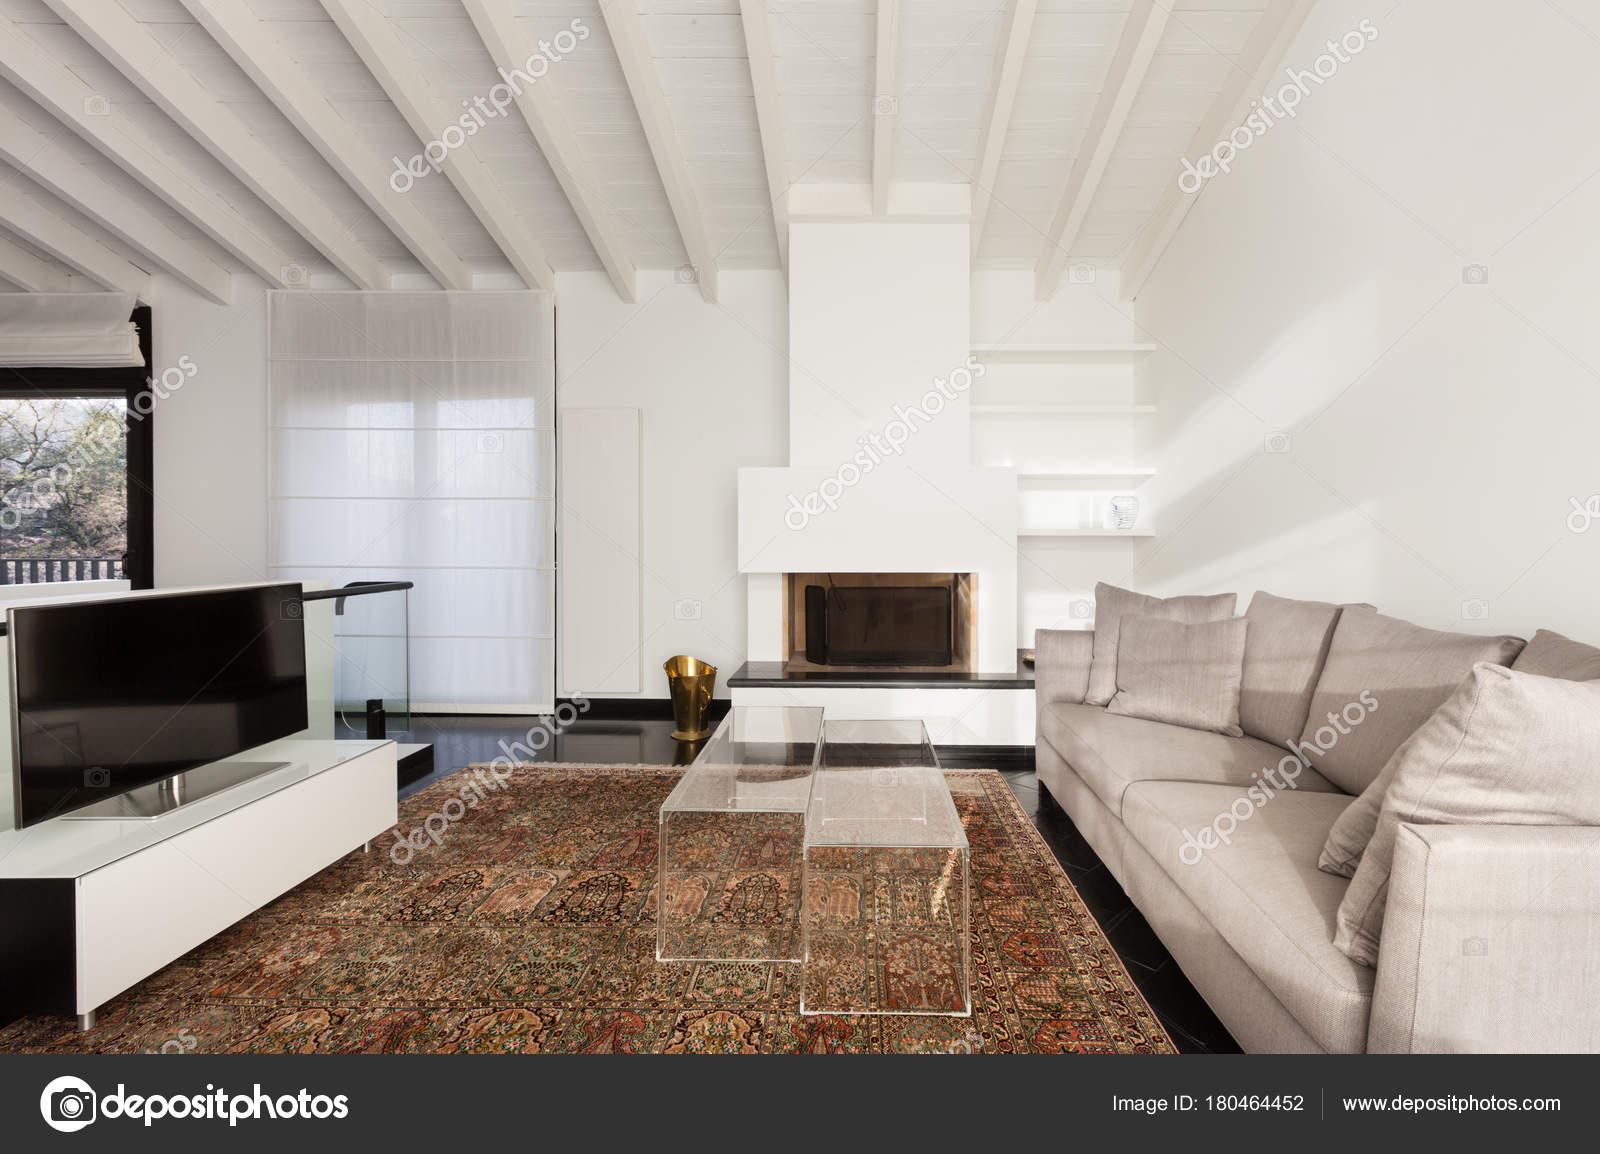 Wohngebaude Komfortable Loft Moderne Mobel Wohnzimmer Stockfoto